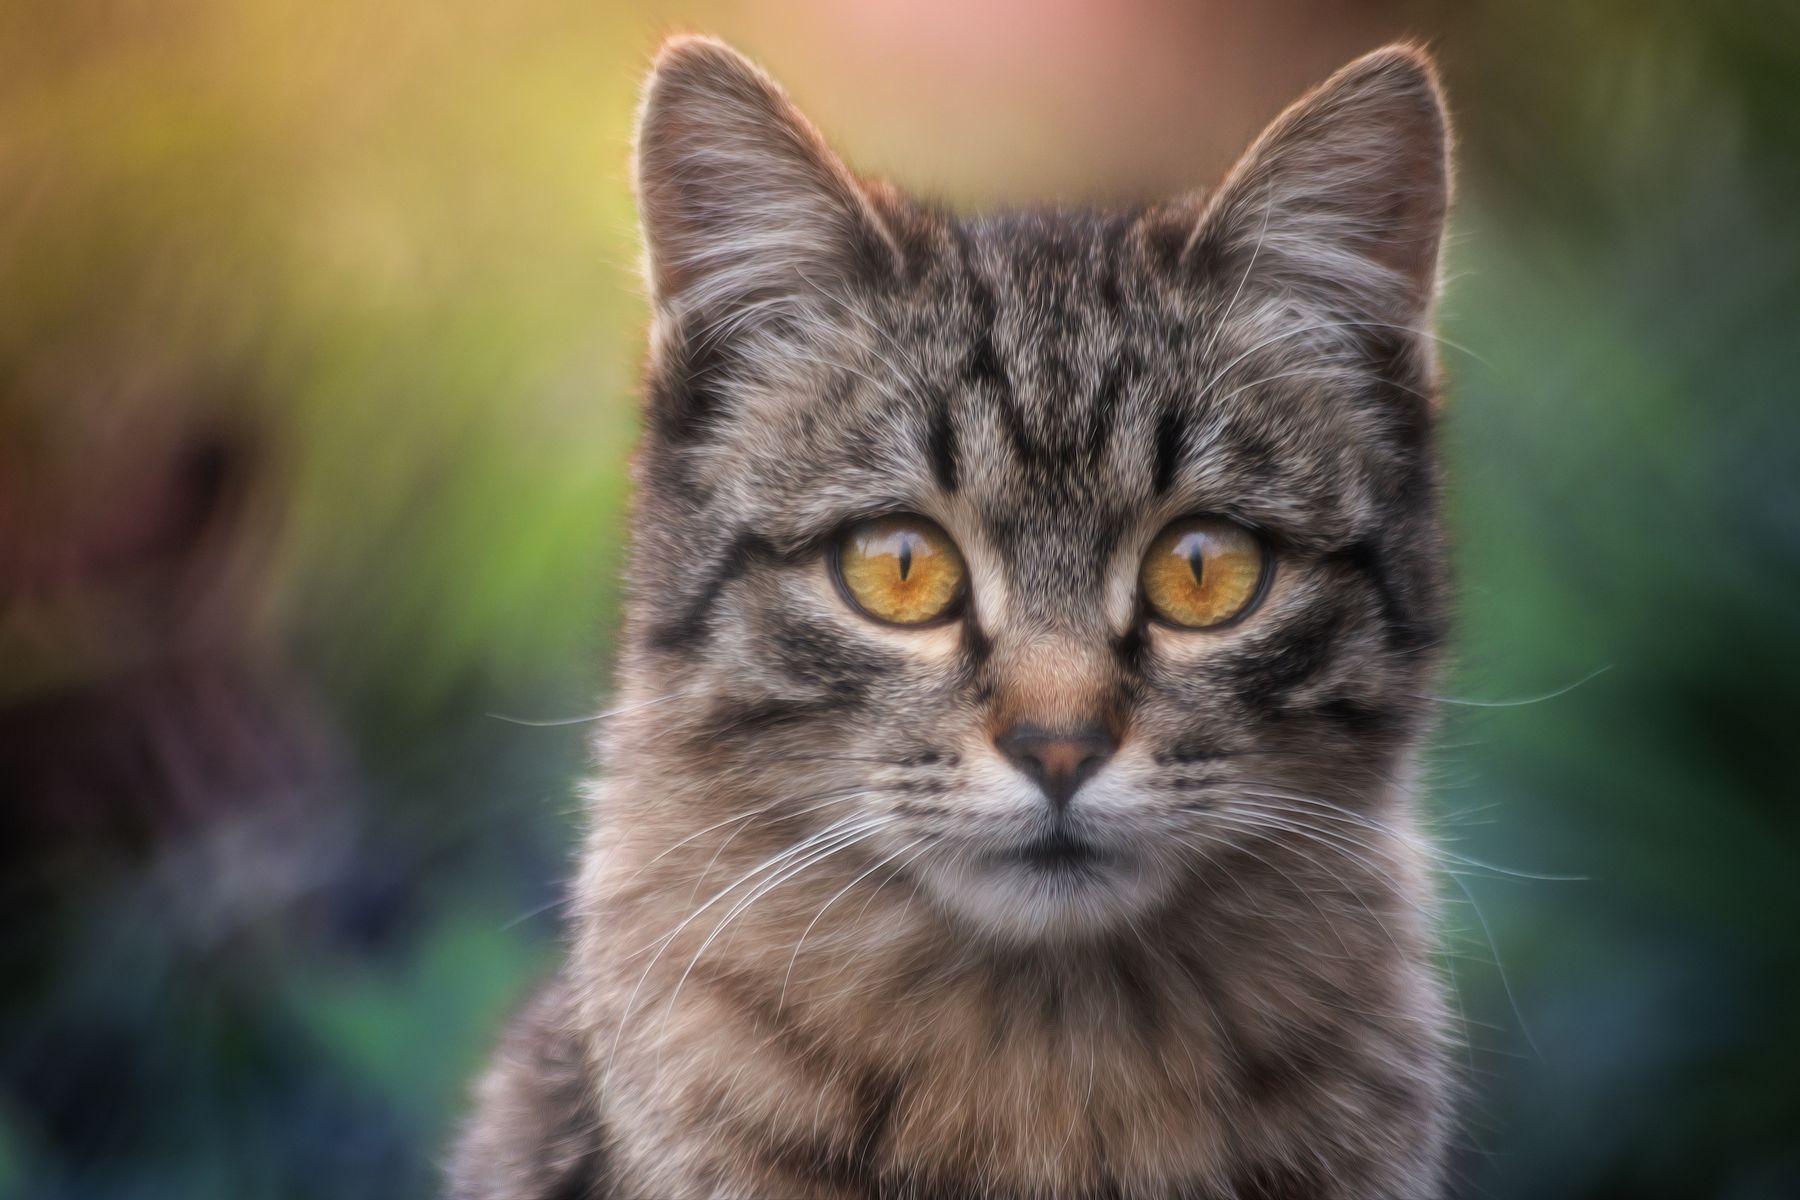 Засёк... кот глаза взгляд свет цвет портрет день животные фон боке лето